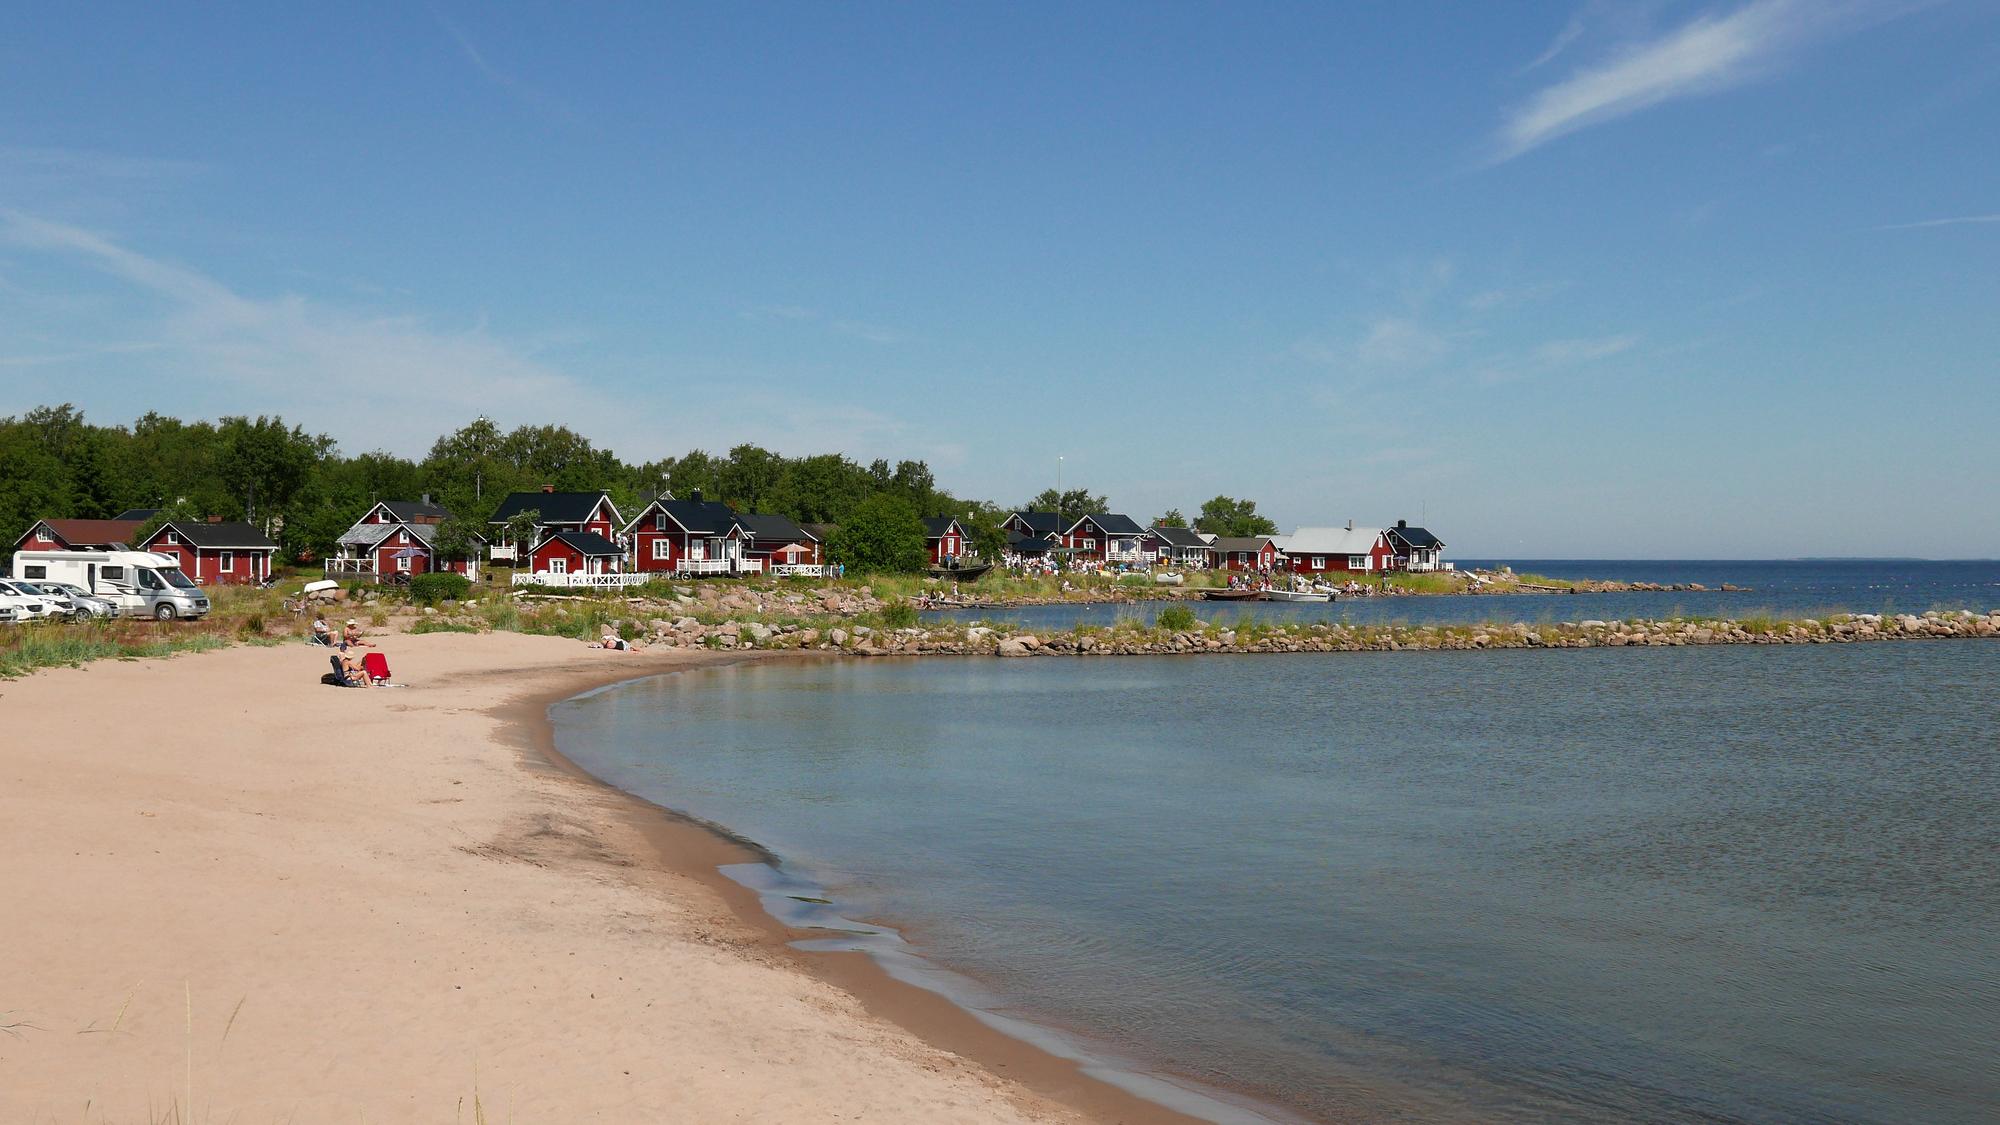 Näkymä Vattajan uimarannasta. Kuvan vasemmassa reunassa on hiekkaranta ja oikeassa reunassa meri. Taustalla näkyy mereen työntyvä kivikkoinen aallonmurtaja sekä pitkin rantaa olevia harjakattoisia mökkejä sekä muutama auto.